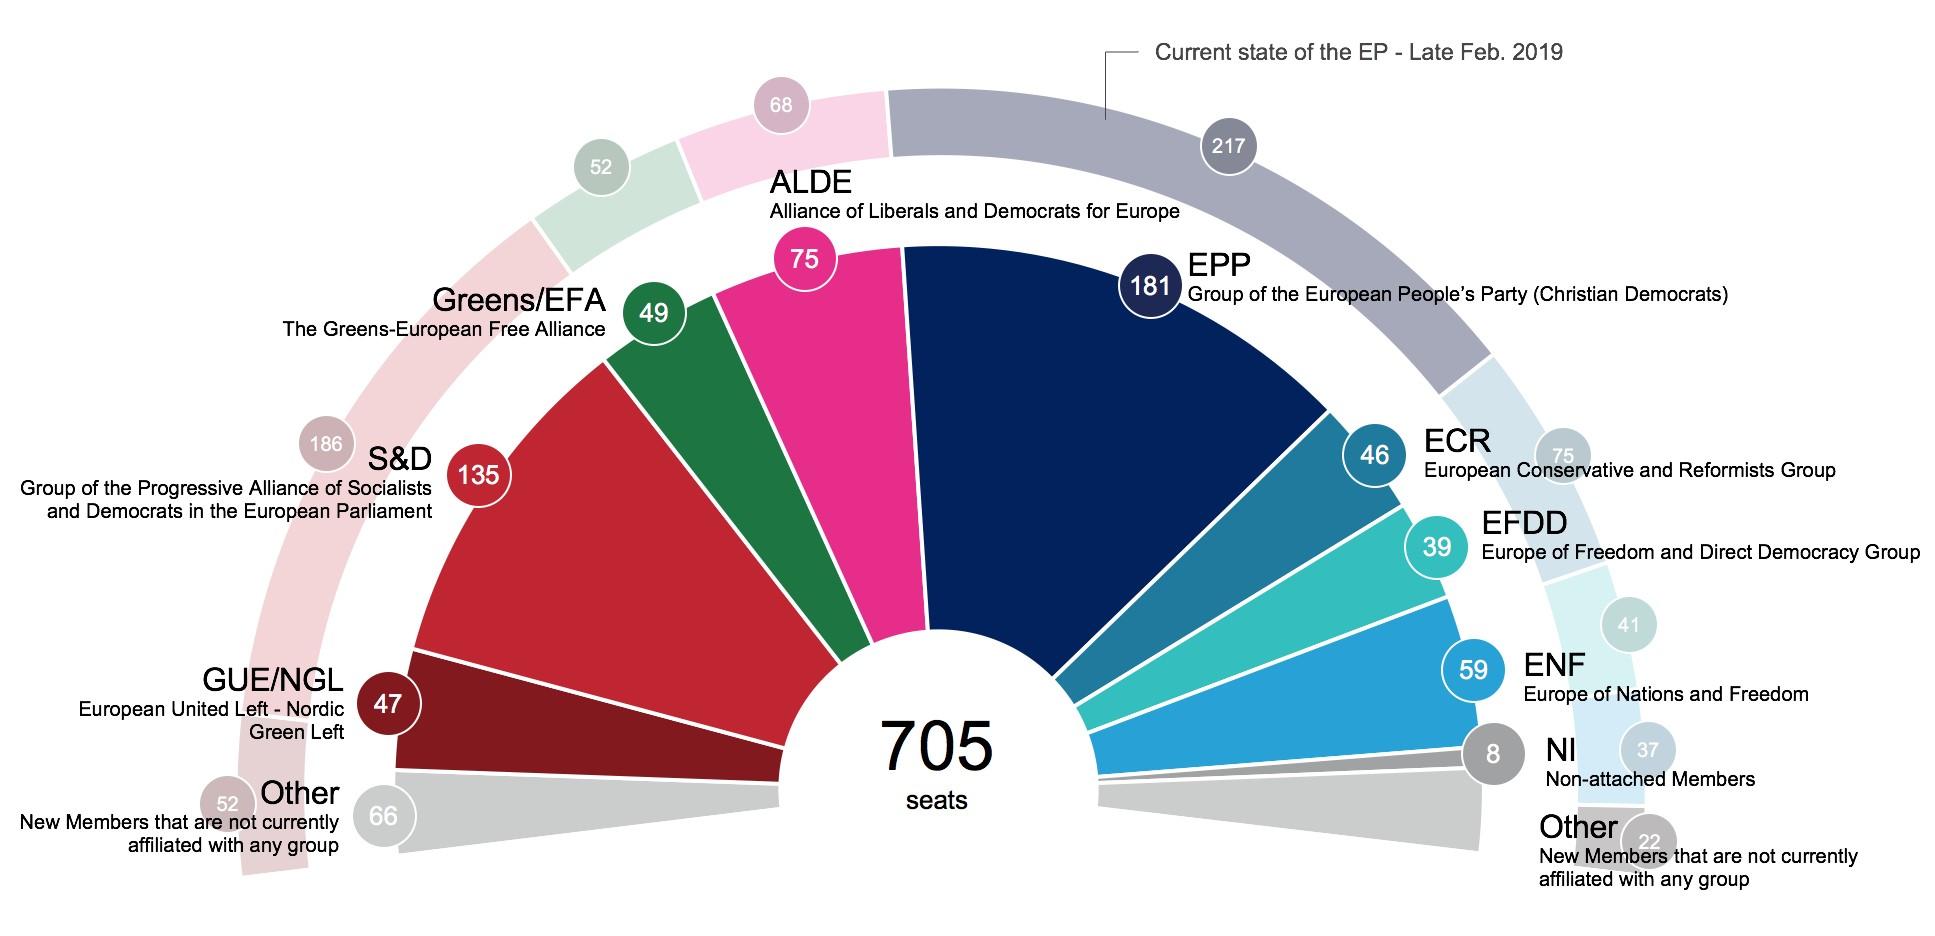 Νέες στατιστικές προβολές για τη σύνθεση του επόμενου Ευρωπαϊκού Κοινοβουλίου